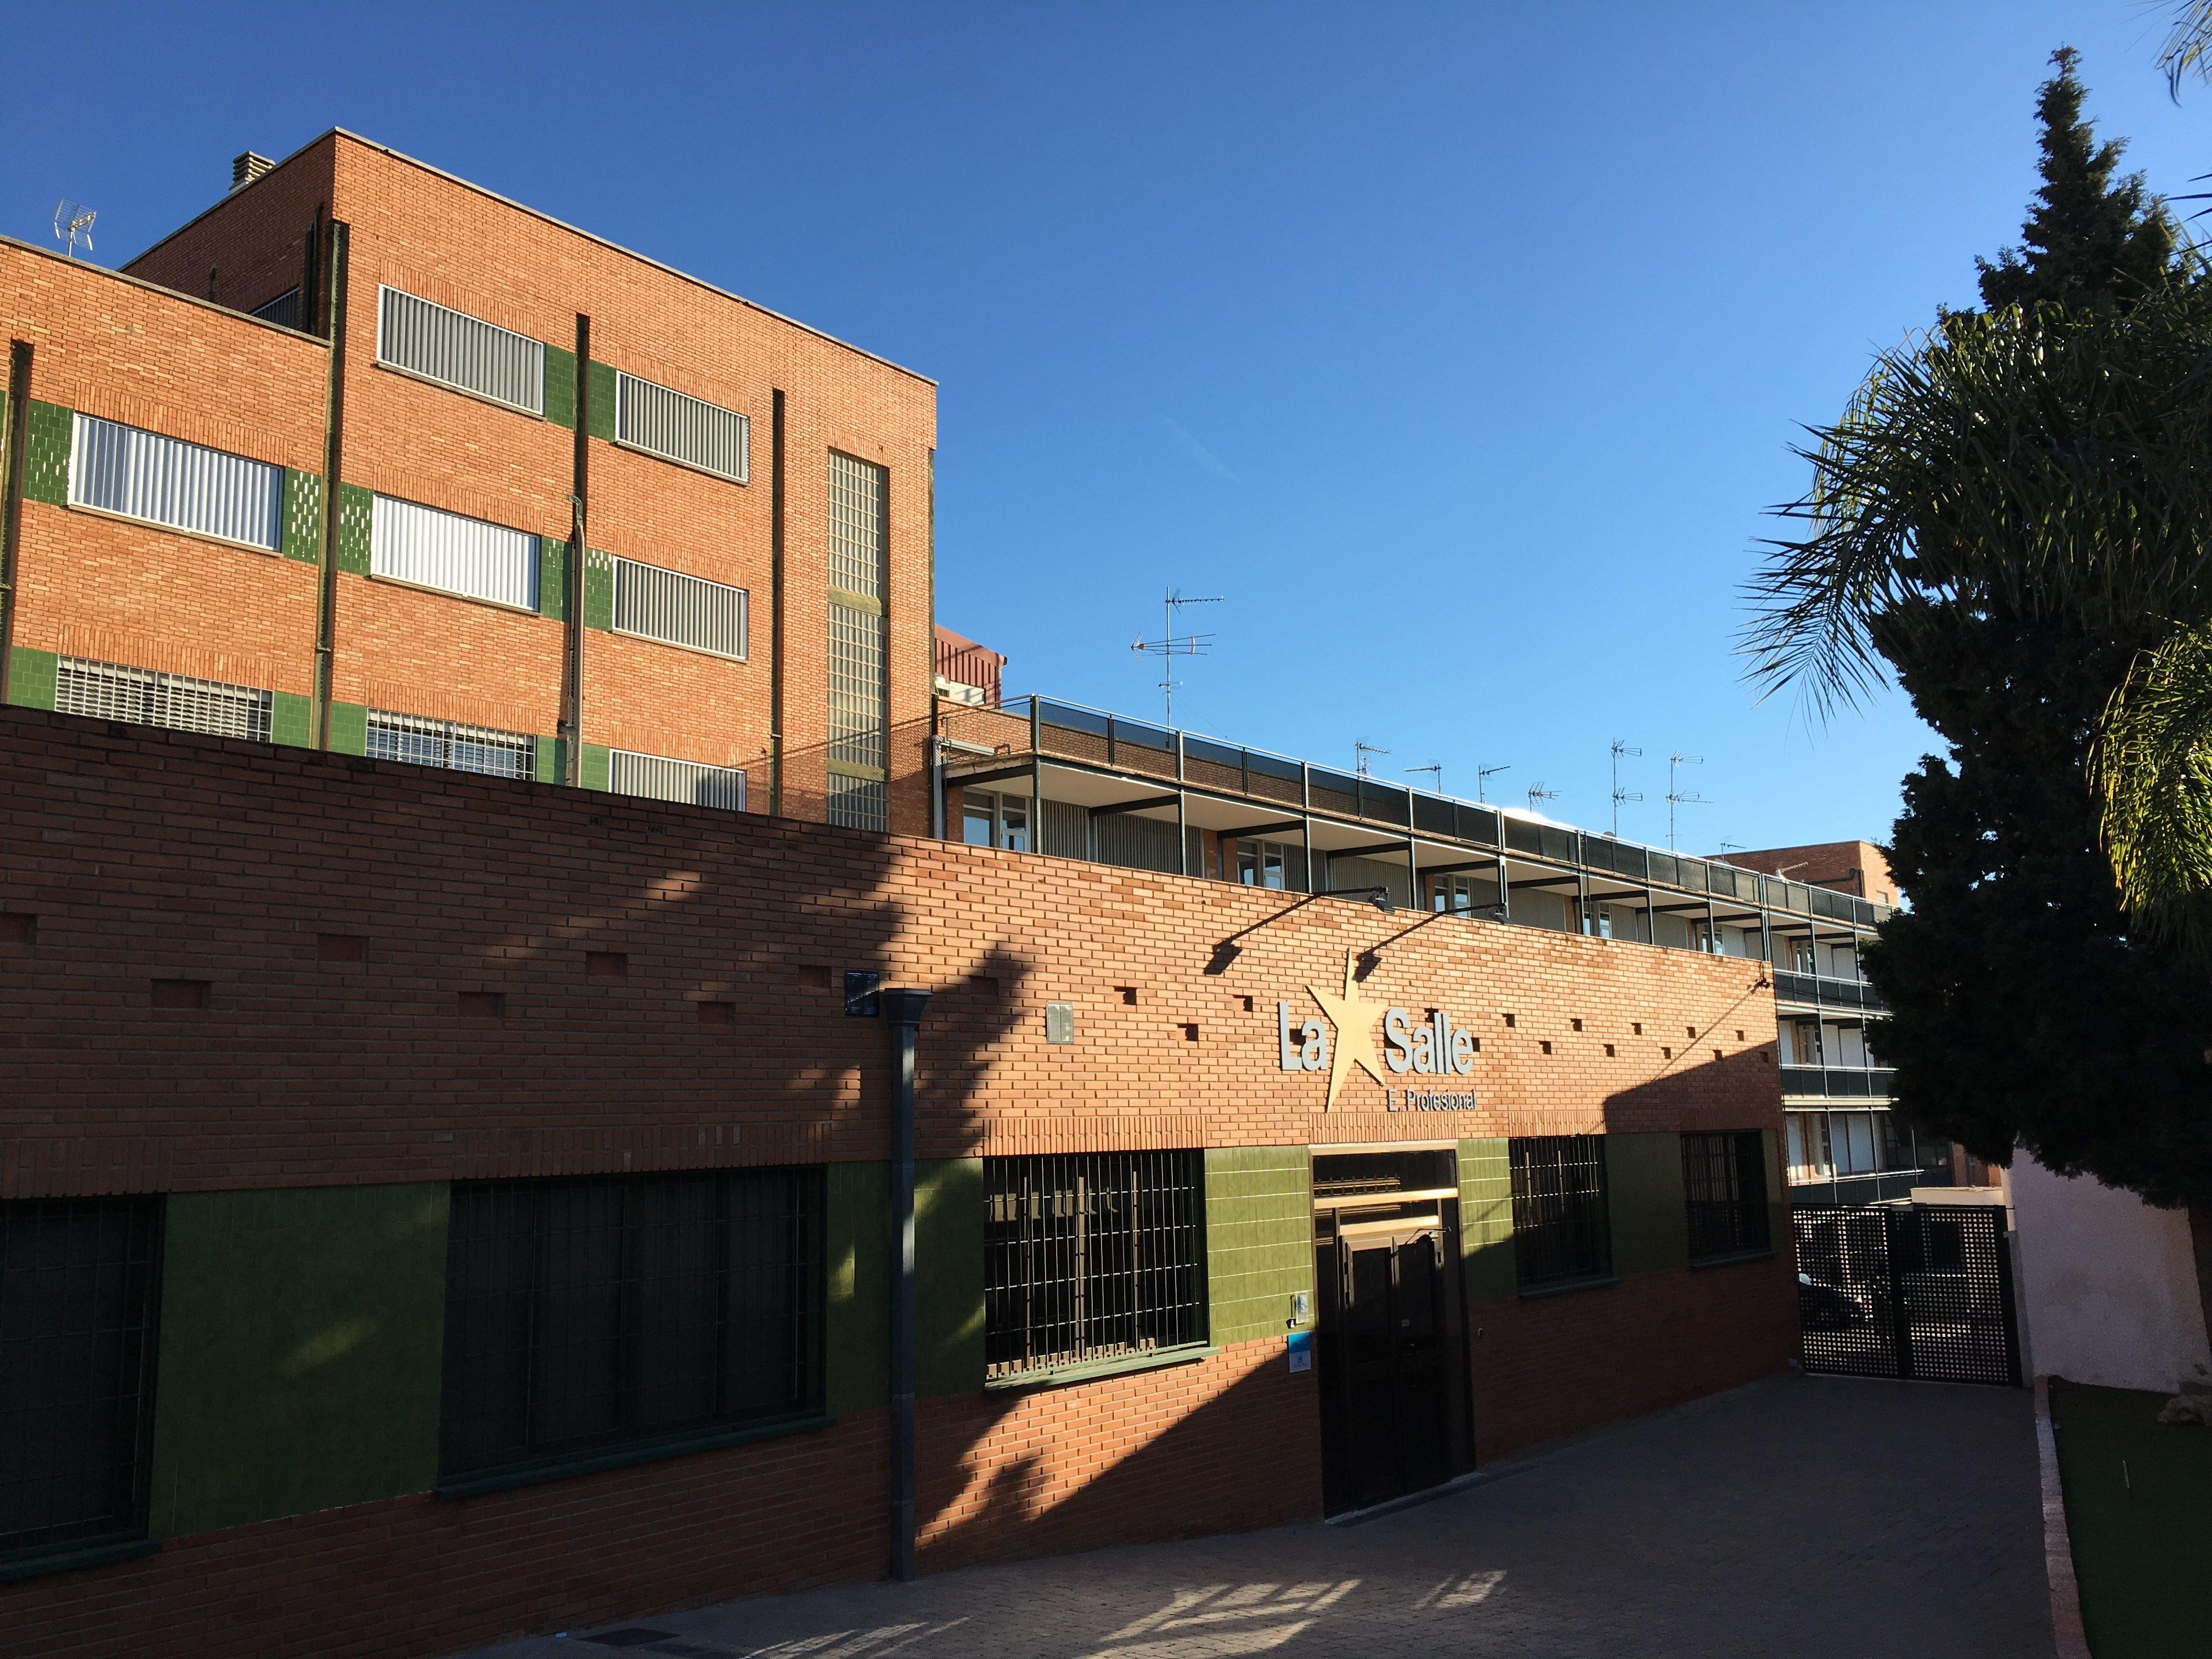 Pruebas on-line de Formación Profesional en Escuela Profesional La Salle